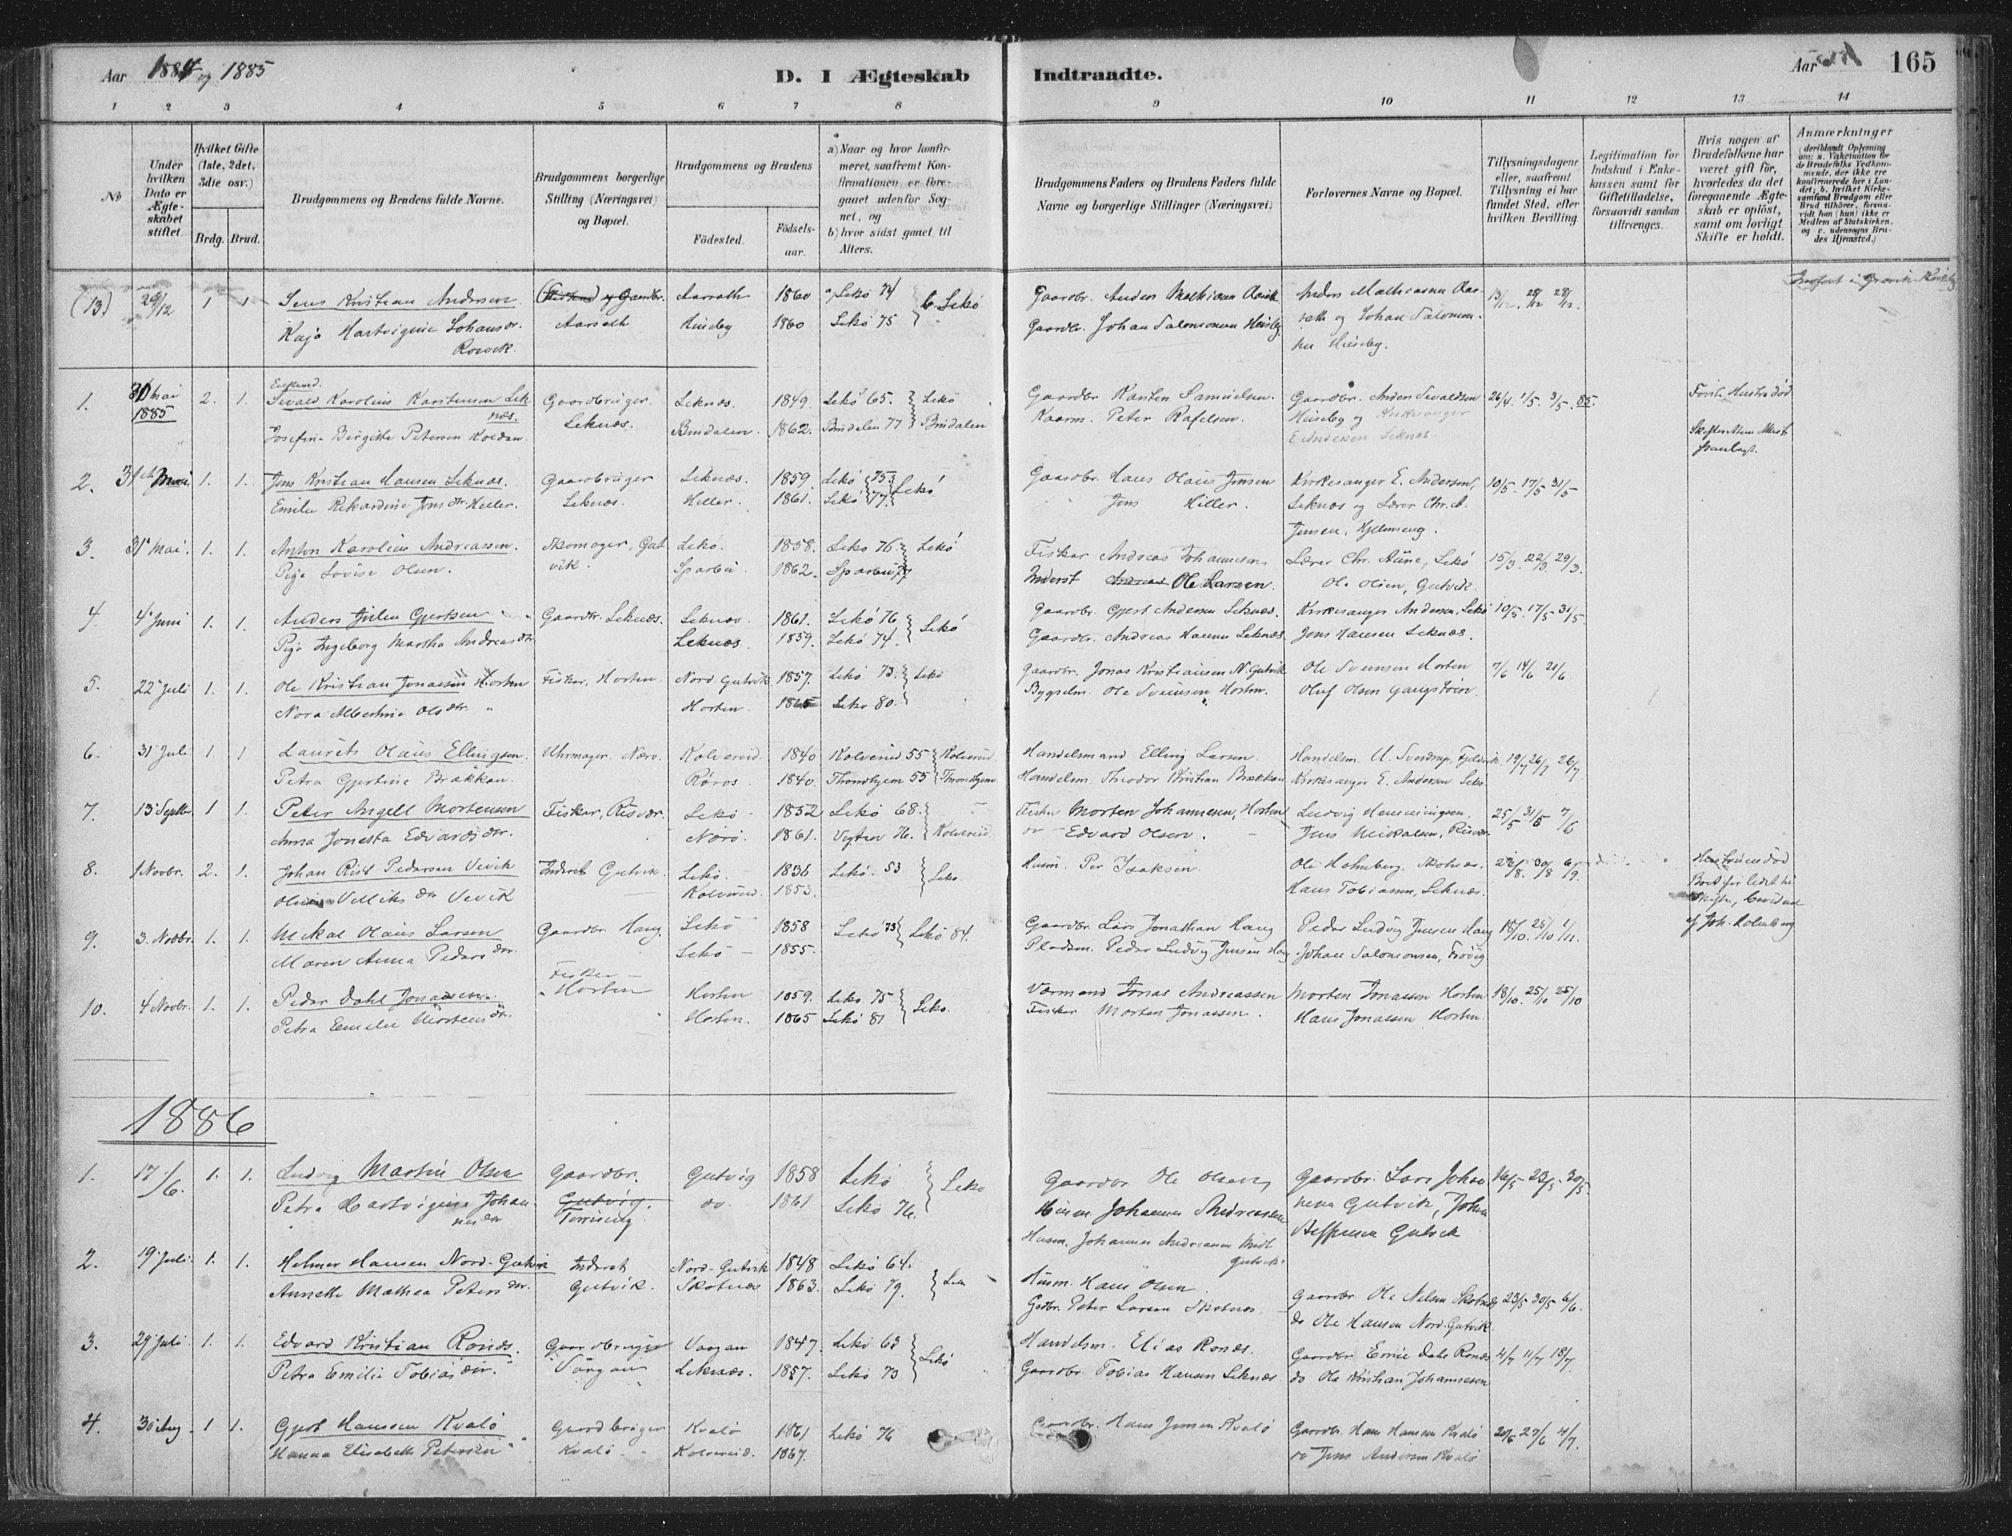 SAT, Ministerialprotokoller, klokkerbøker og fødselsregistre - Nord-Trøndelag, 788/L0697: Ministerialbok nr. 788A04, 1878-1902, s. 165